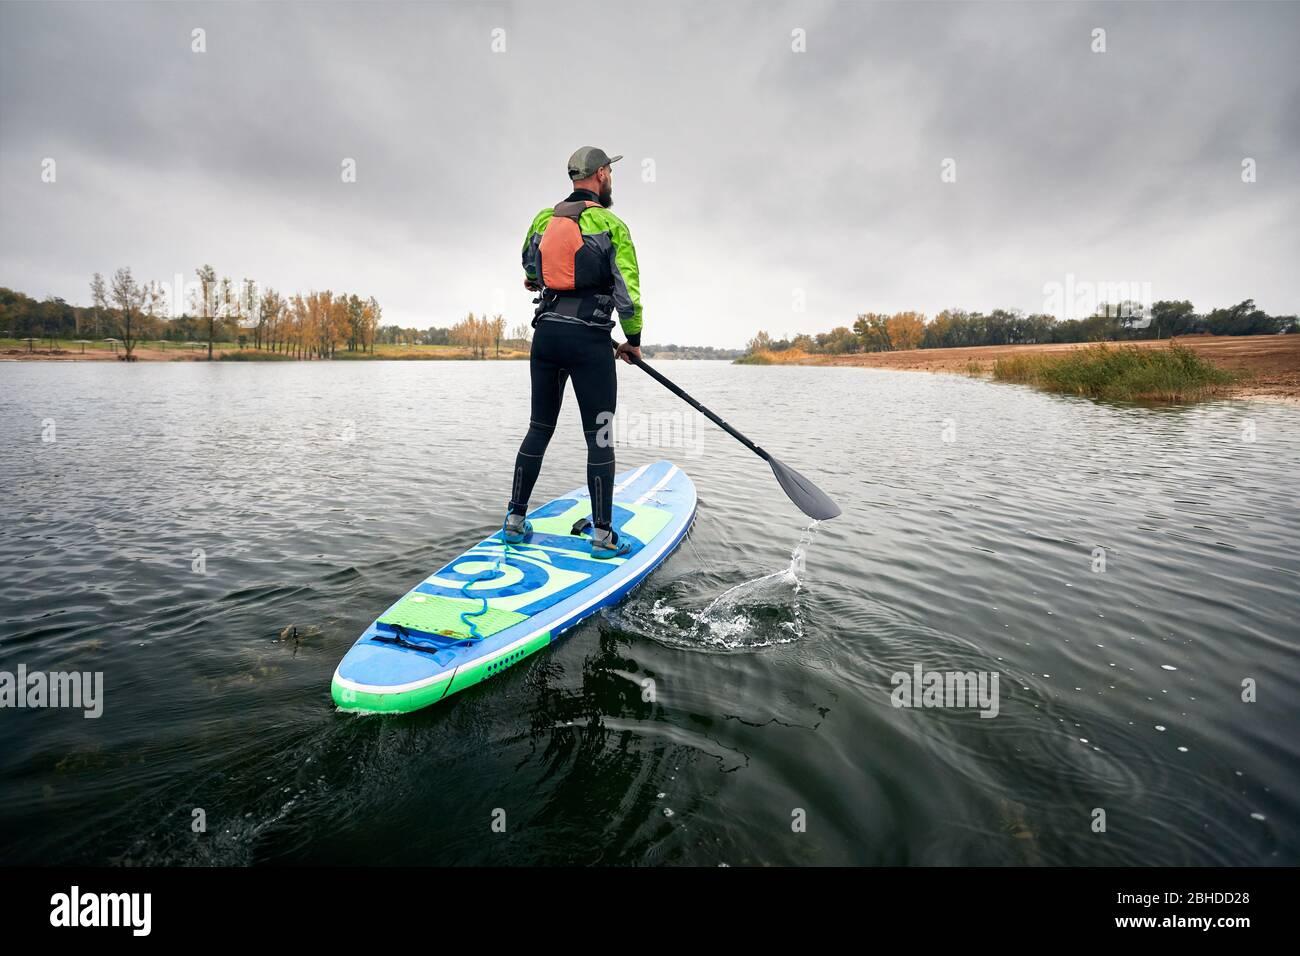 Athlète en combinaison sur paddleboard explorer le lac à froid contre ciel couvert Banque D'Images